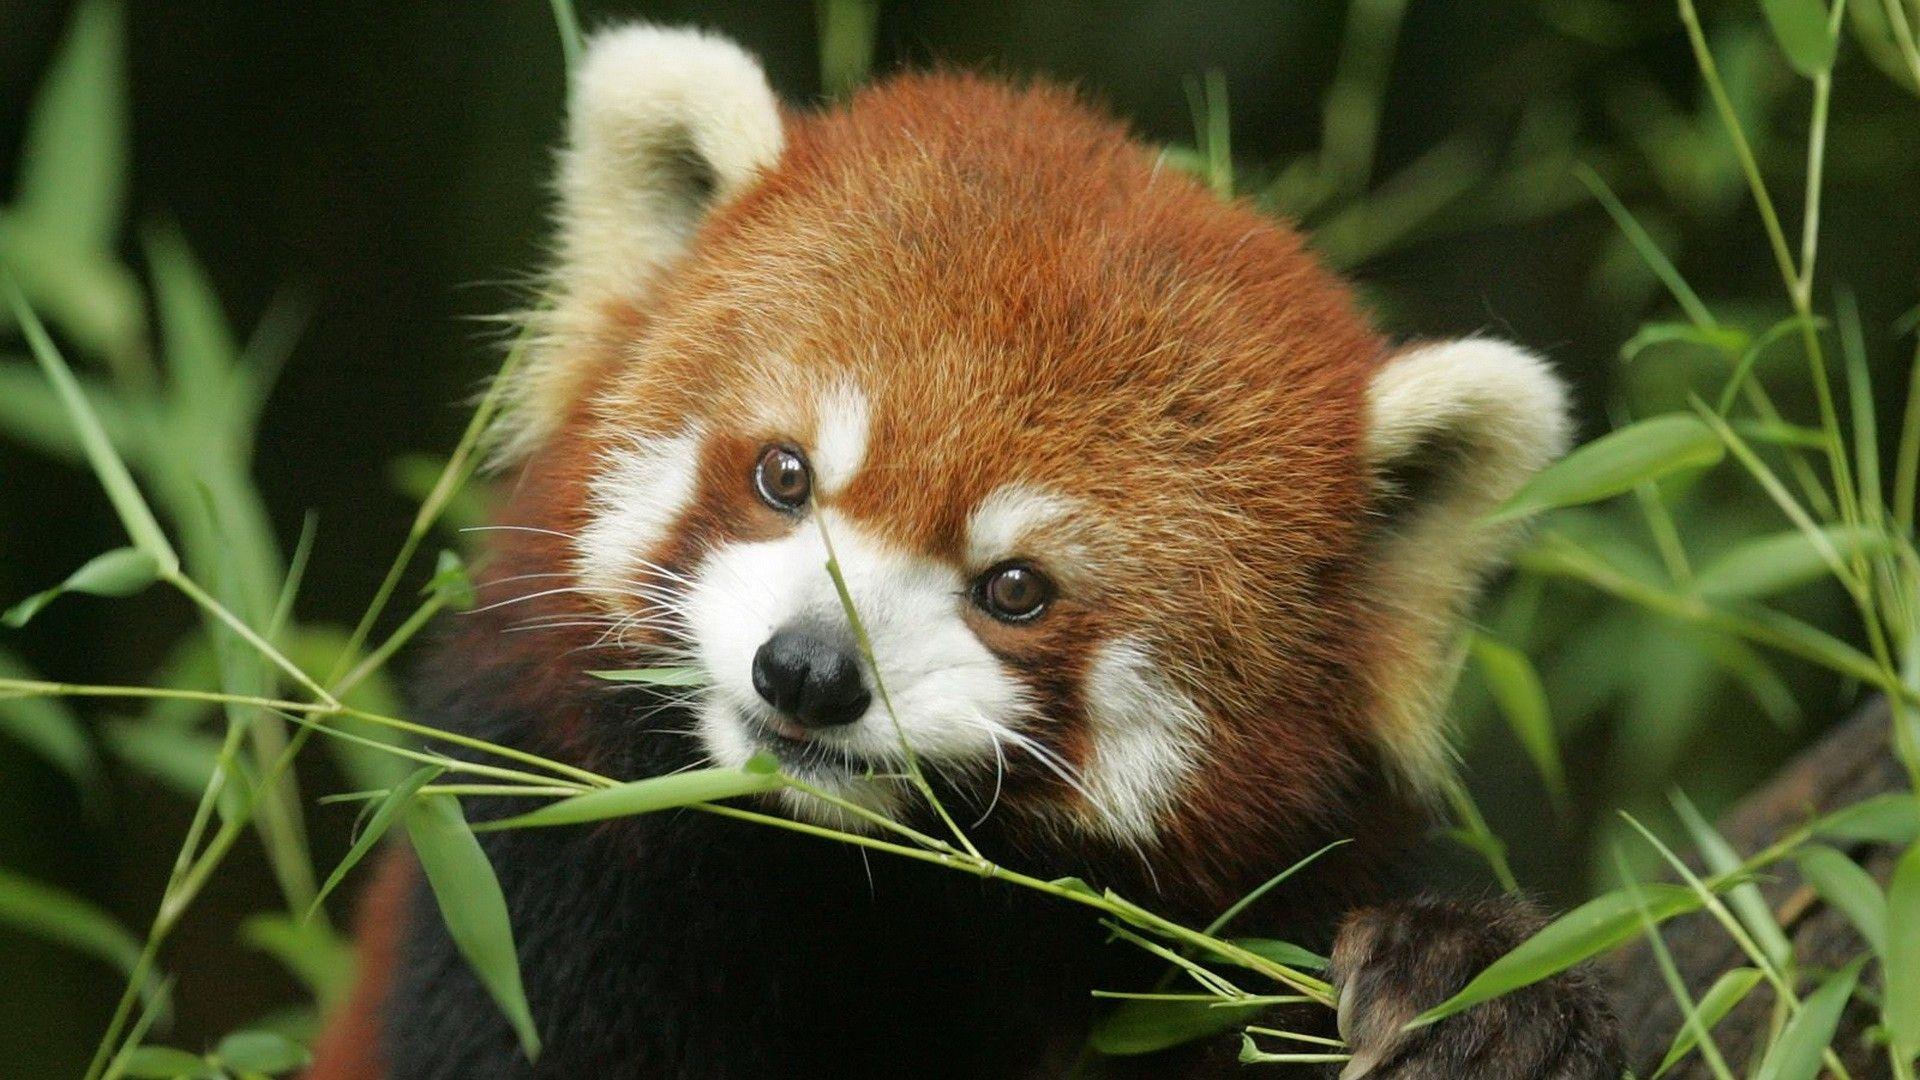 Panda Roux Fonds d'écran 1920x1080 Id: 360920 | Panda roux, Animaux les plus mignons, Animaux